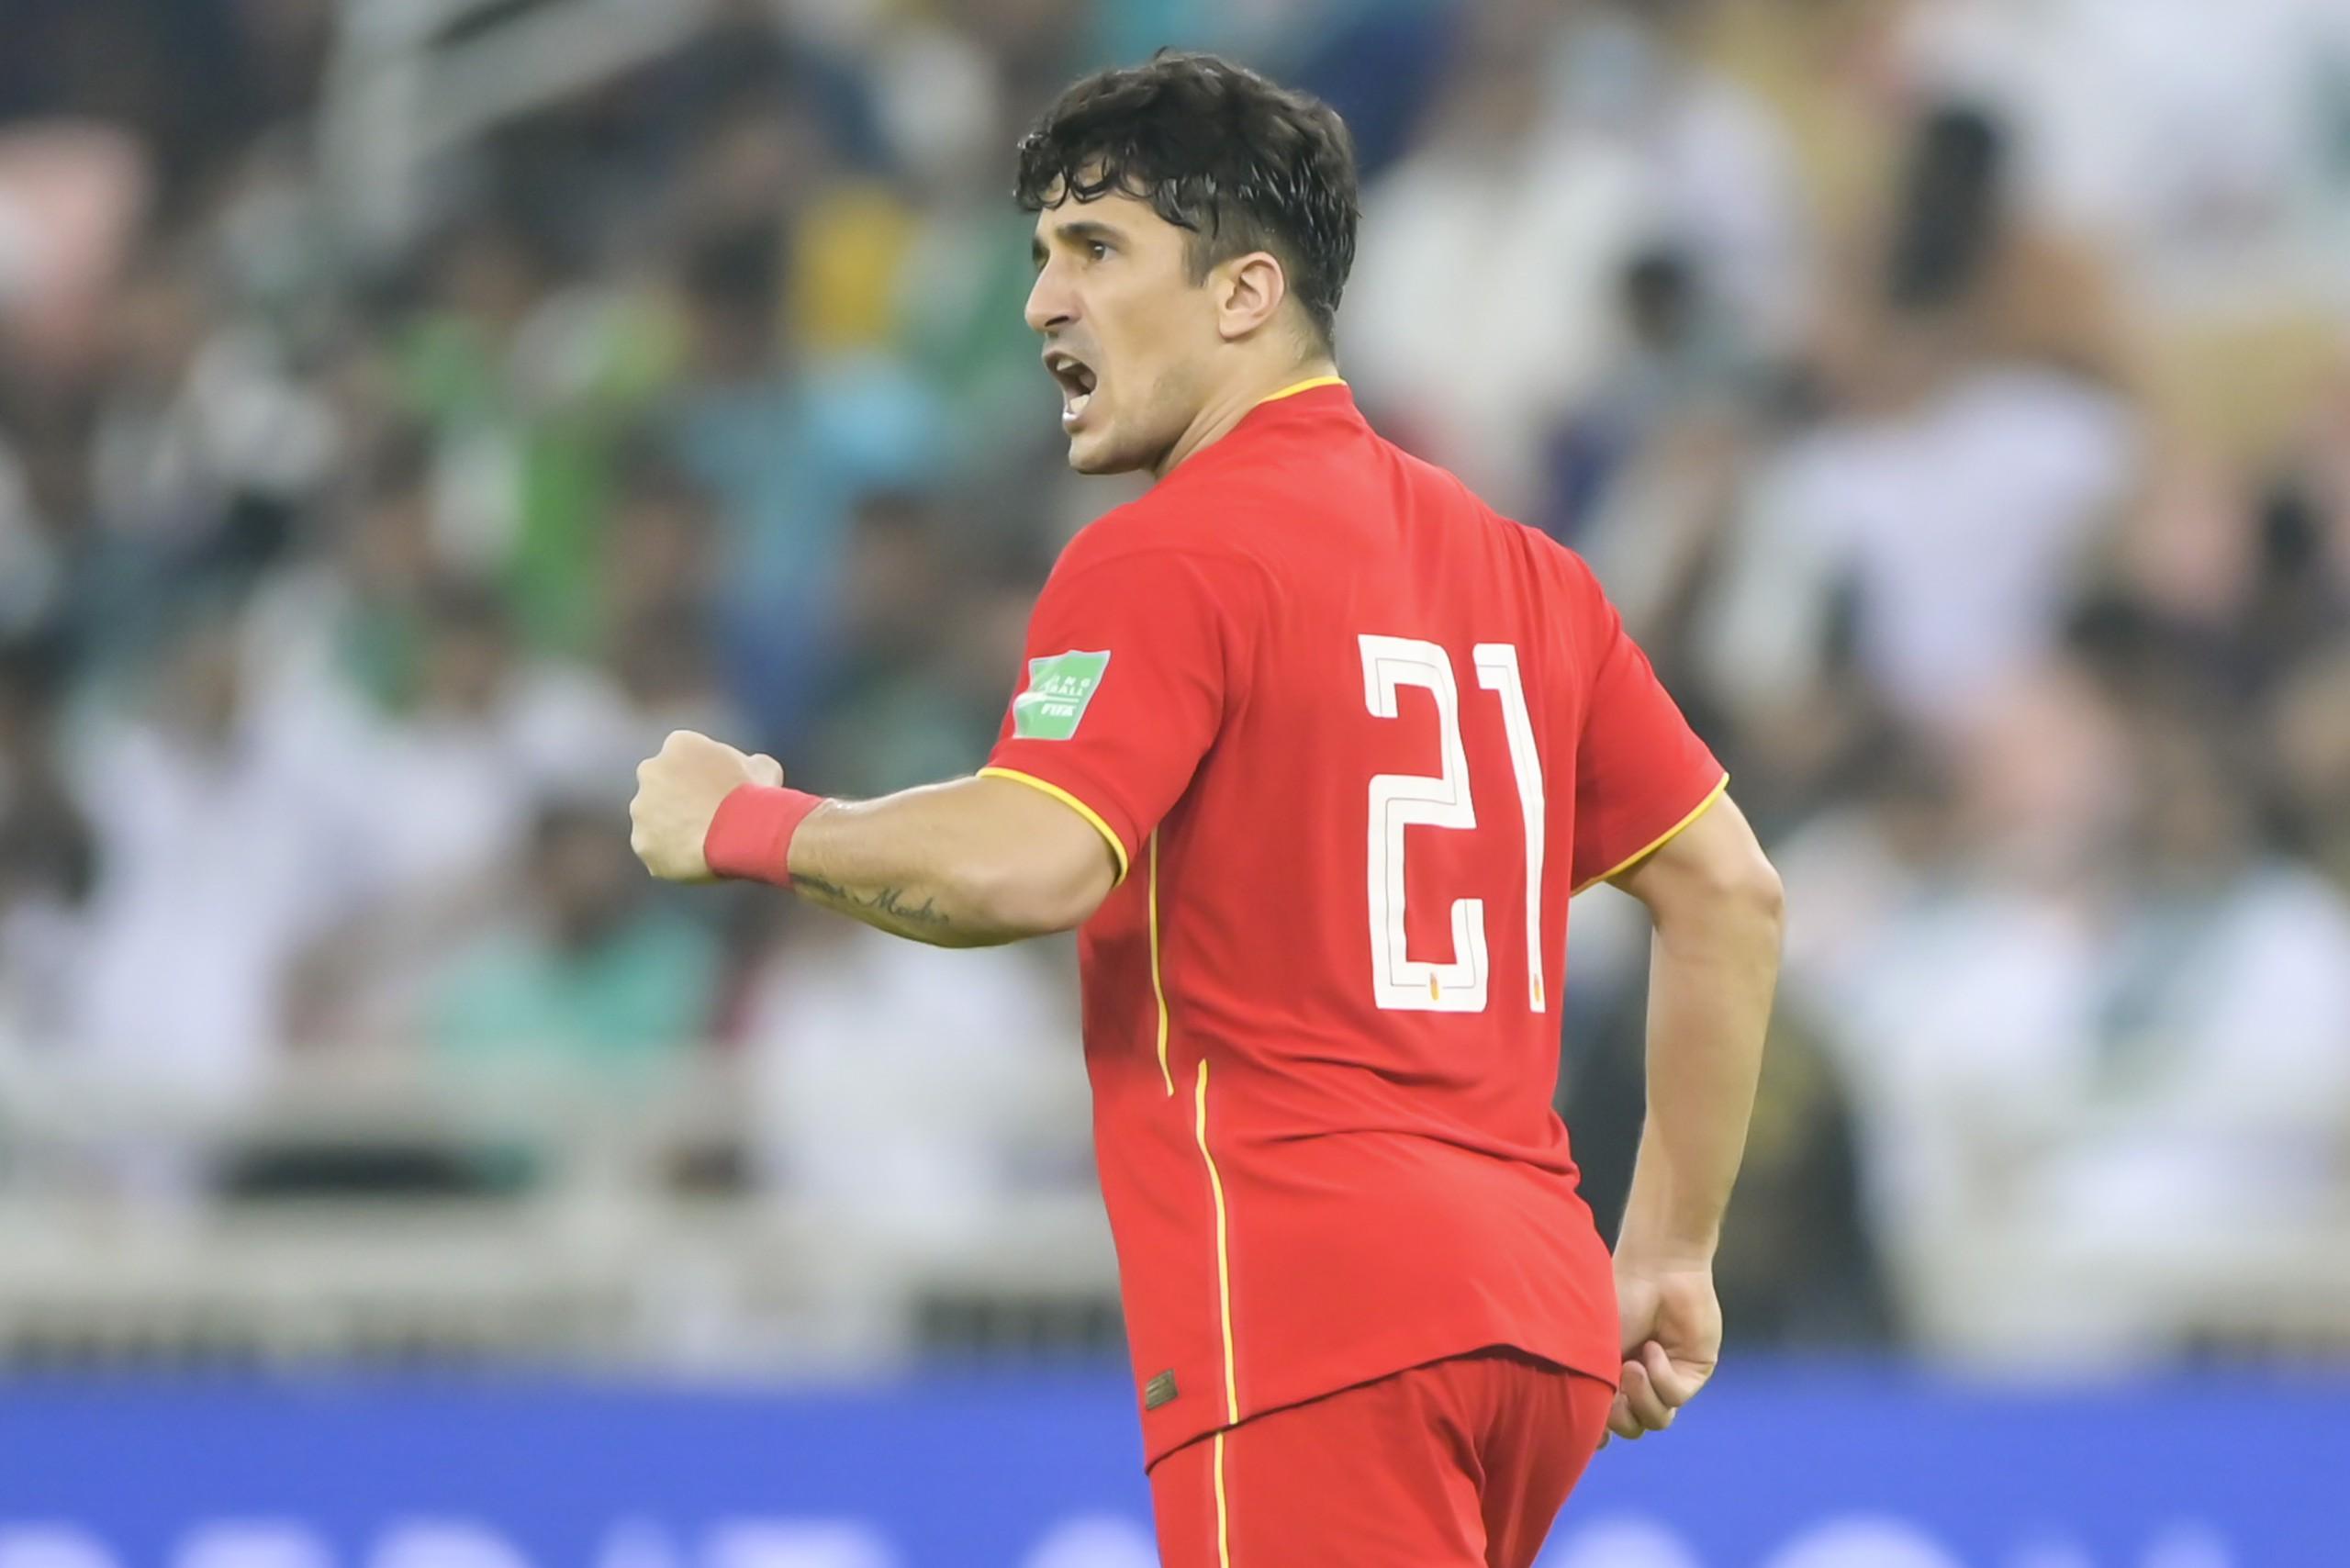 洛国富打入代表国足后的首球。